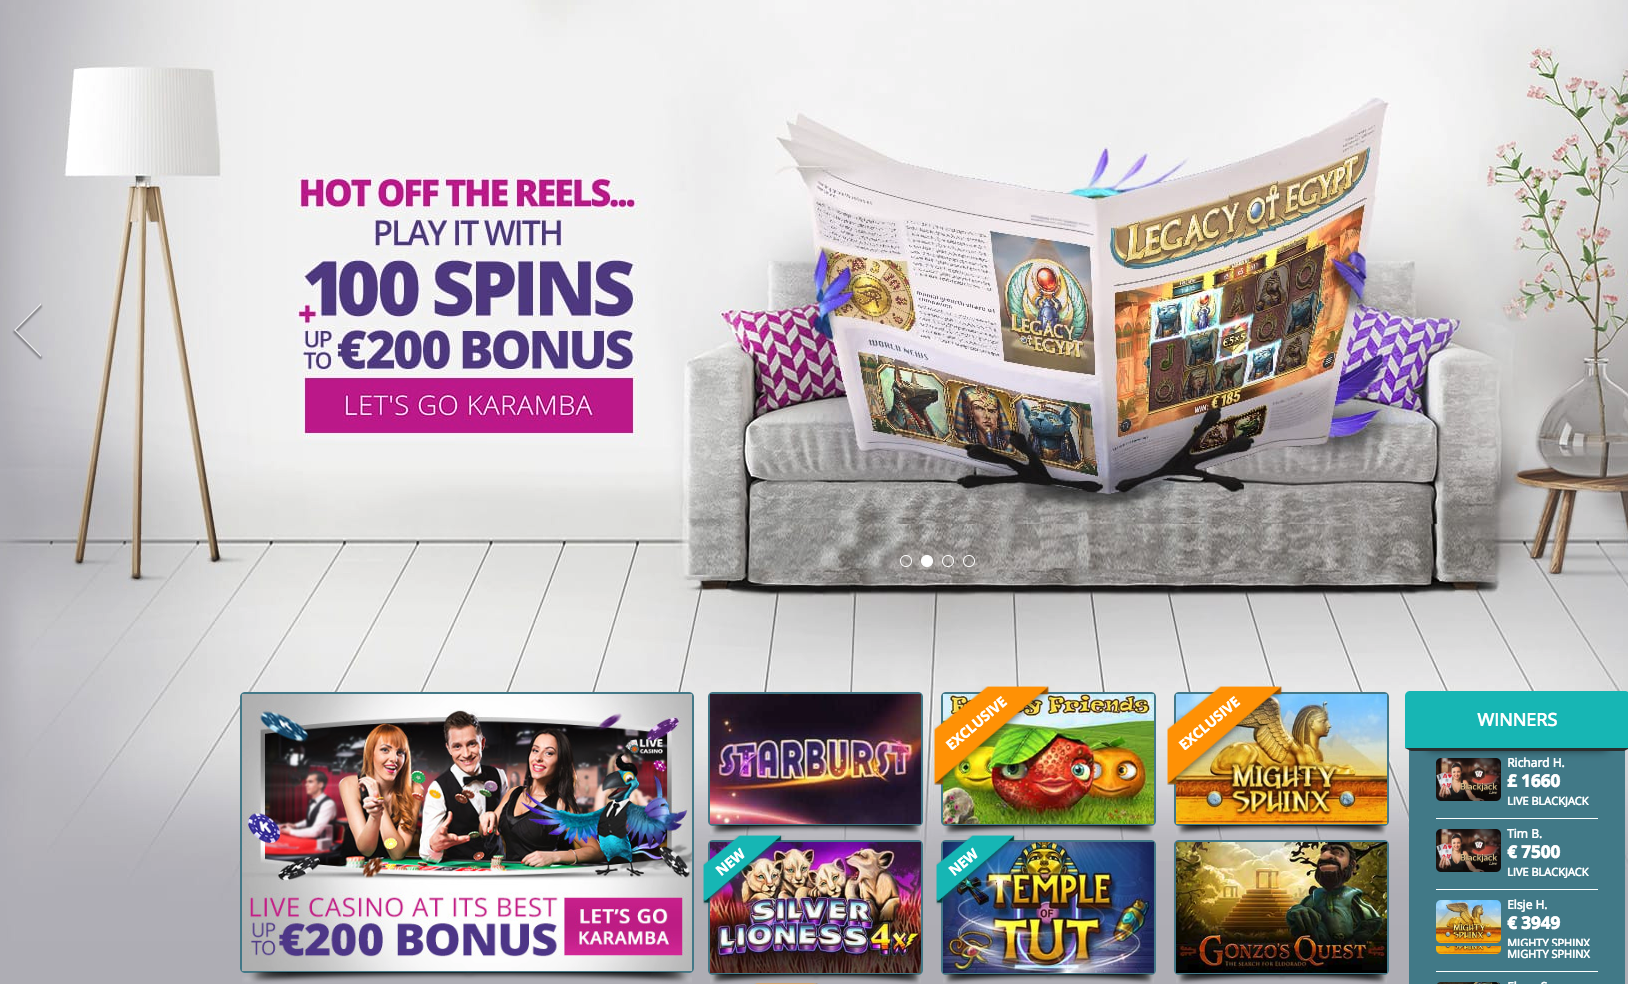 Winstar casino online slots oklahoma